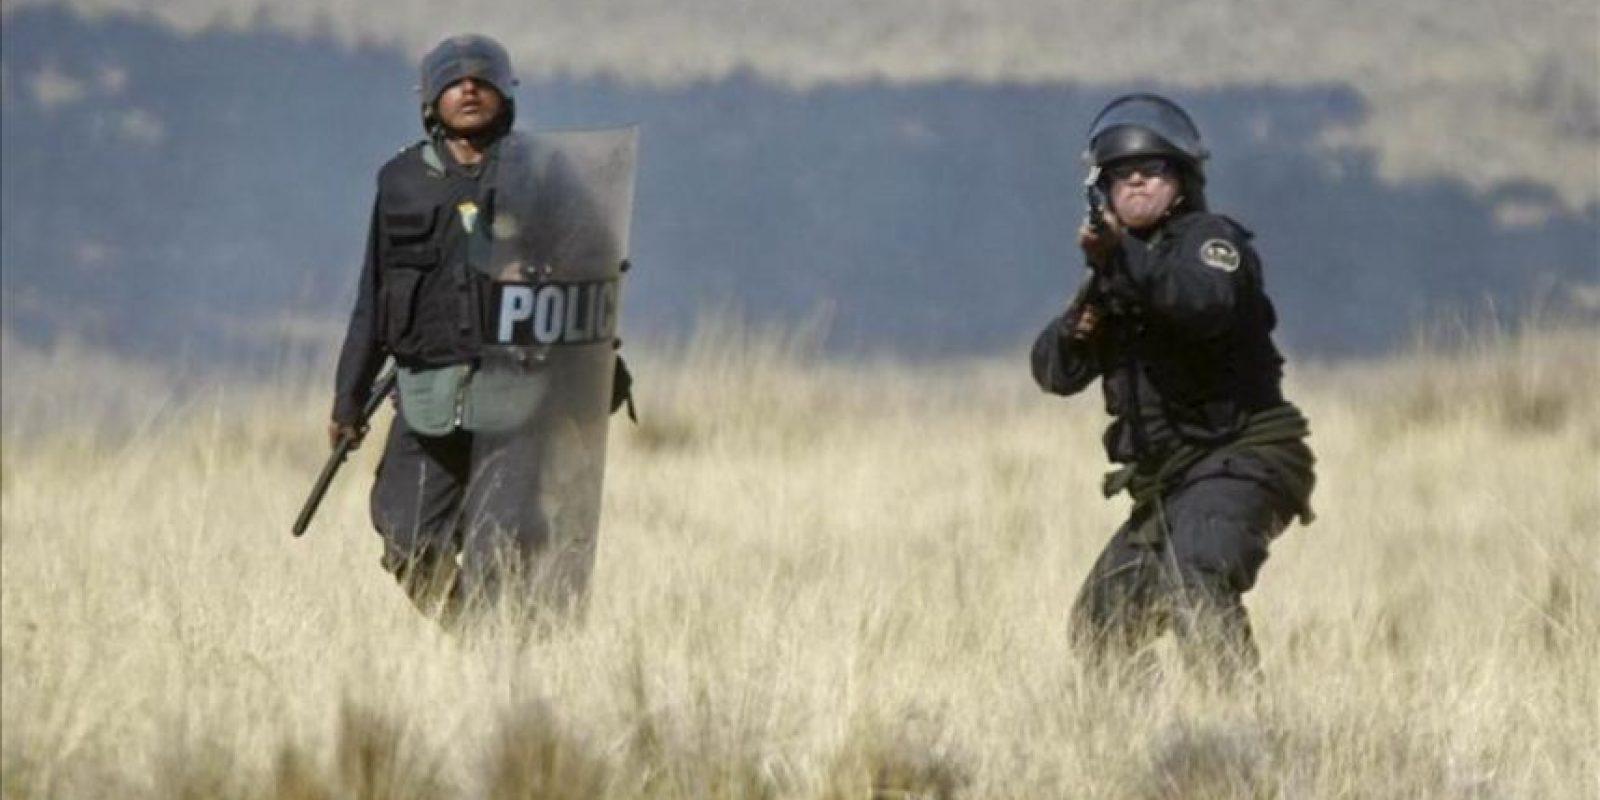 Policías peruanos se enfrentan a lugareños el 28 de mayo de 2012, en la localidad de Espinar, en el departamento del Cuzco. EFE